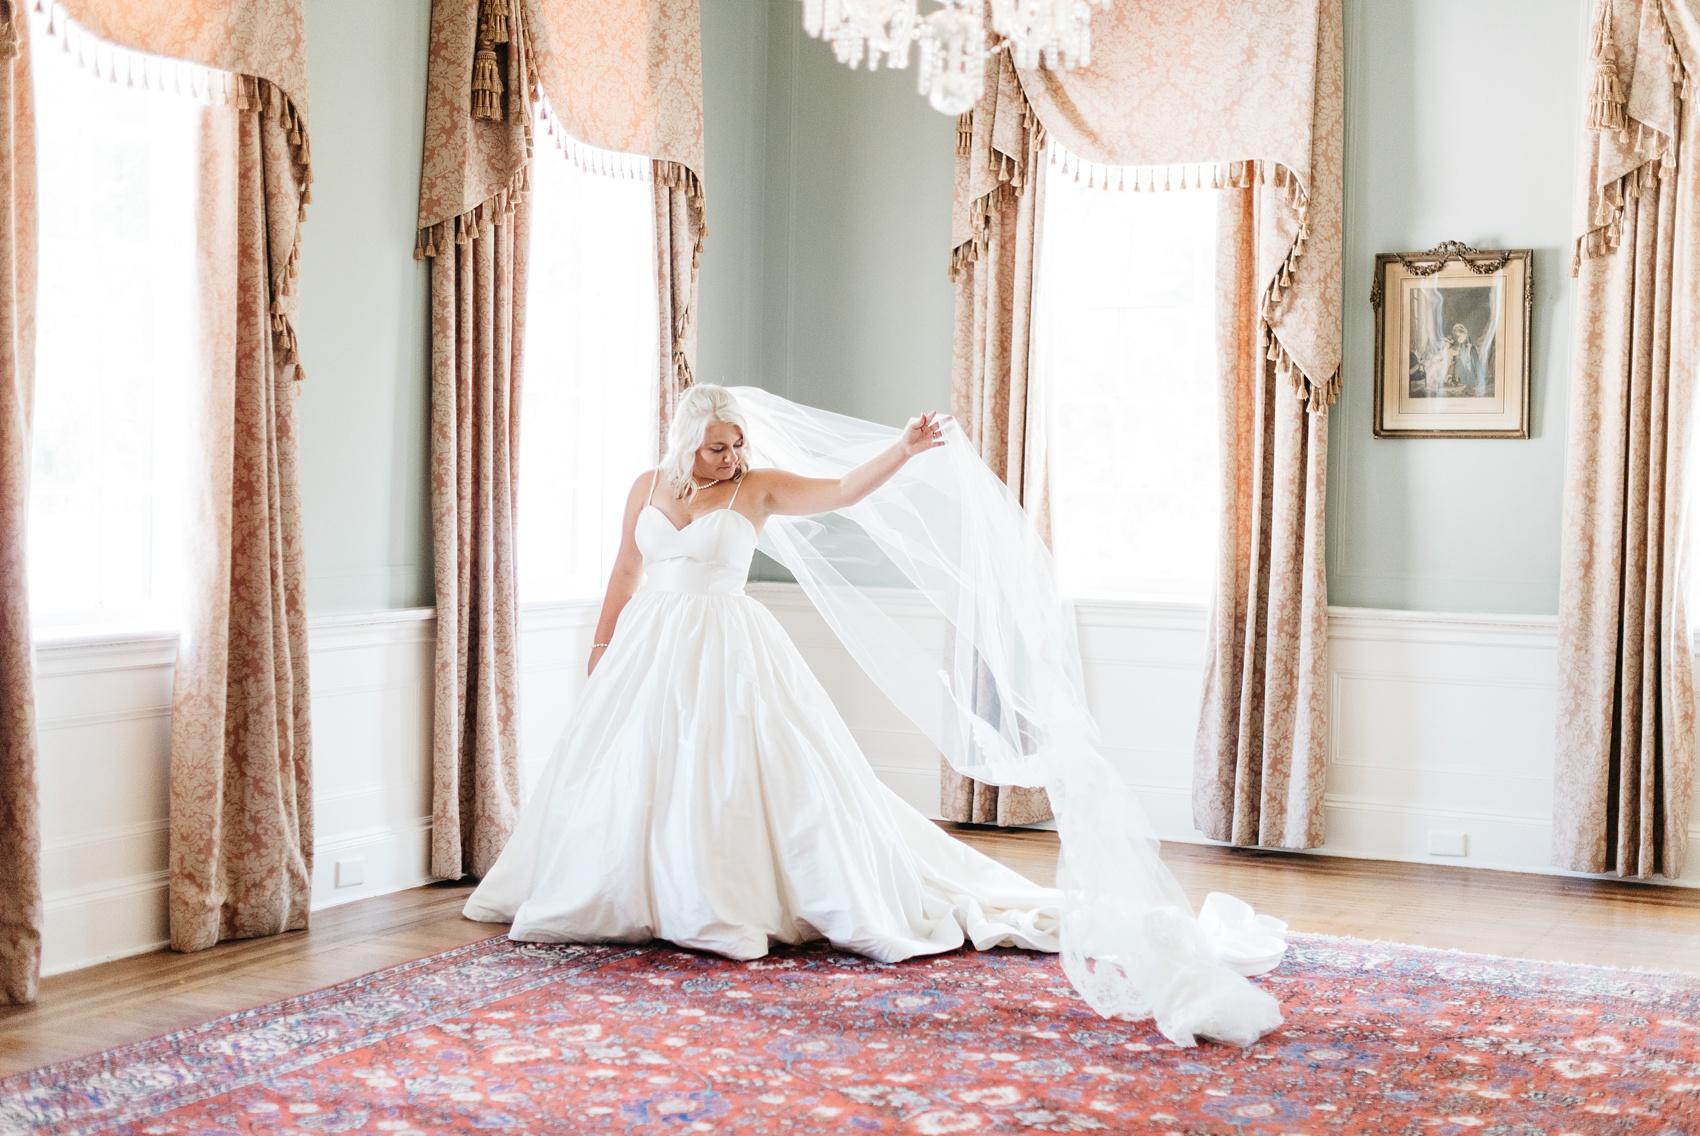 aiken_wedding_photographer_5215.jpg